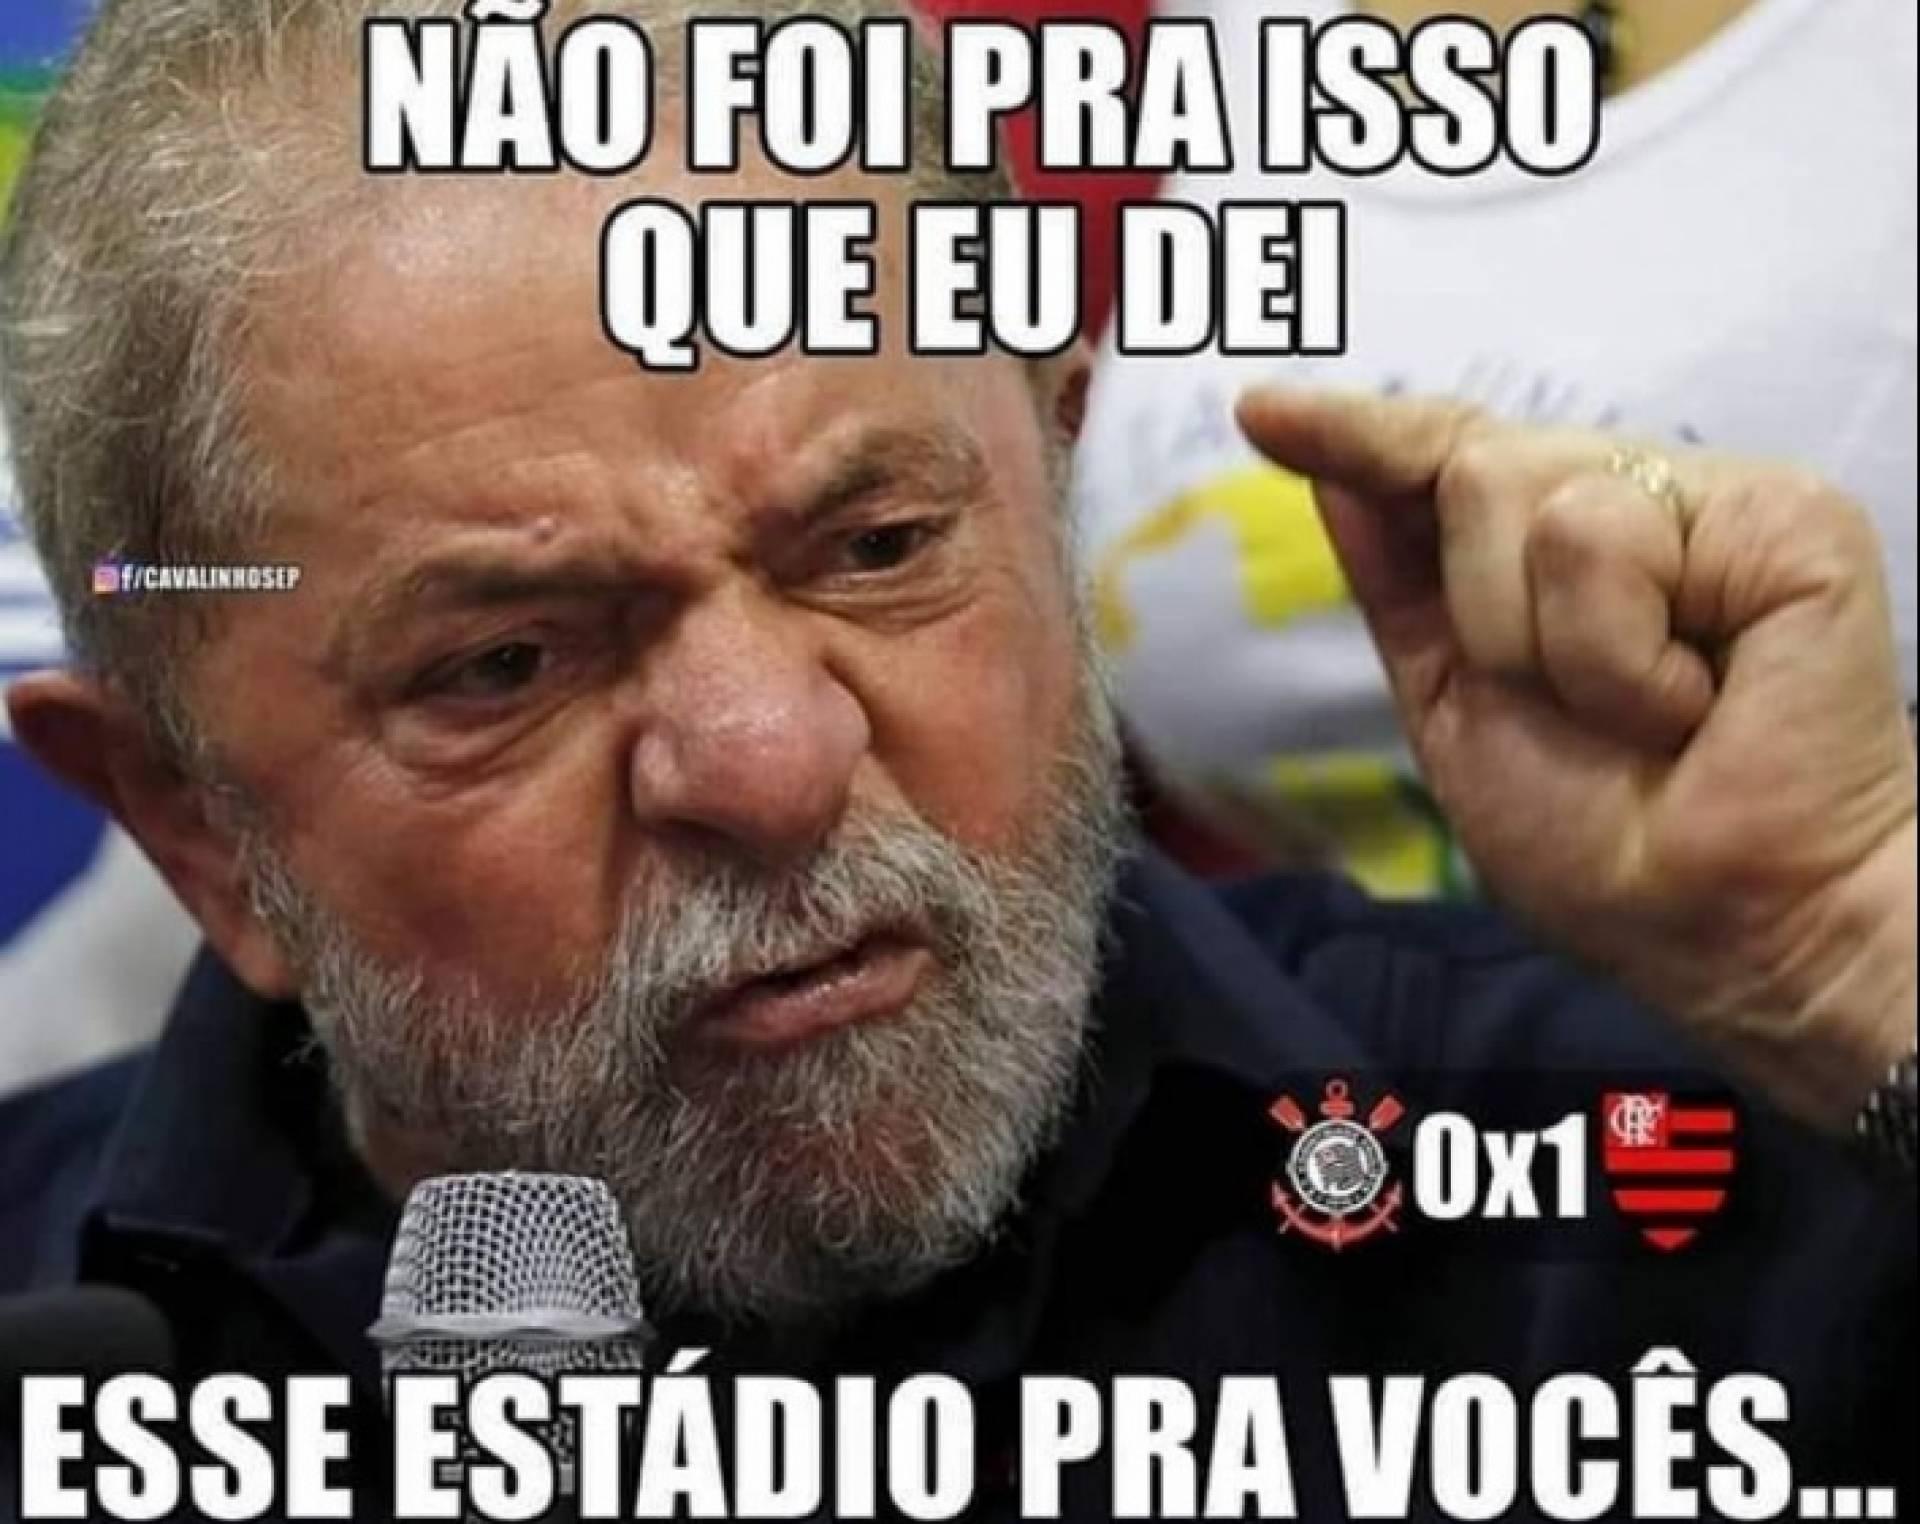 Confira Os Memes Torcedores Do Flamengo Tiram Onda Após